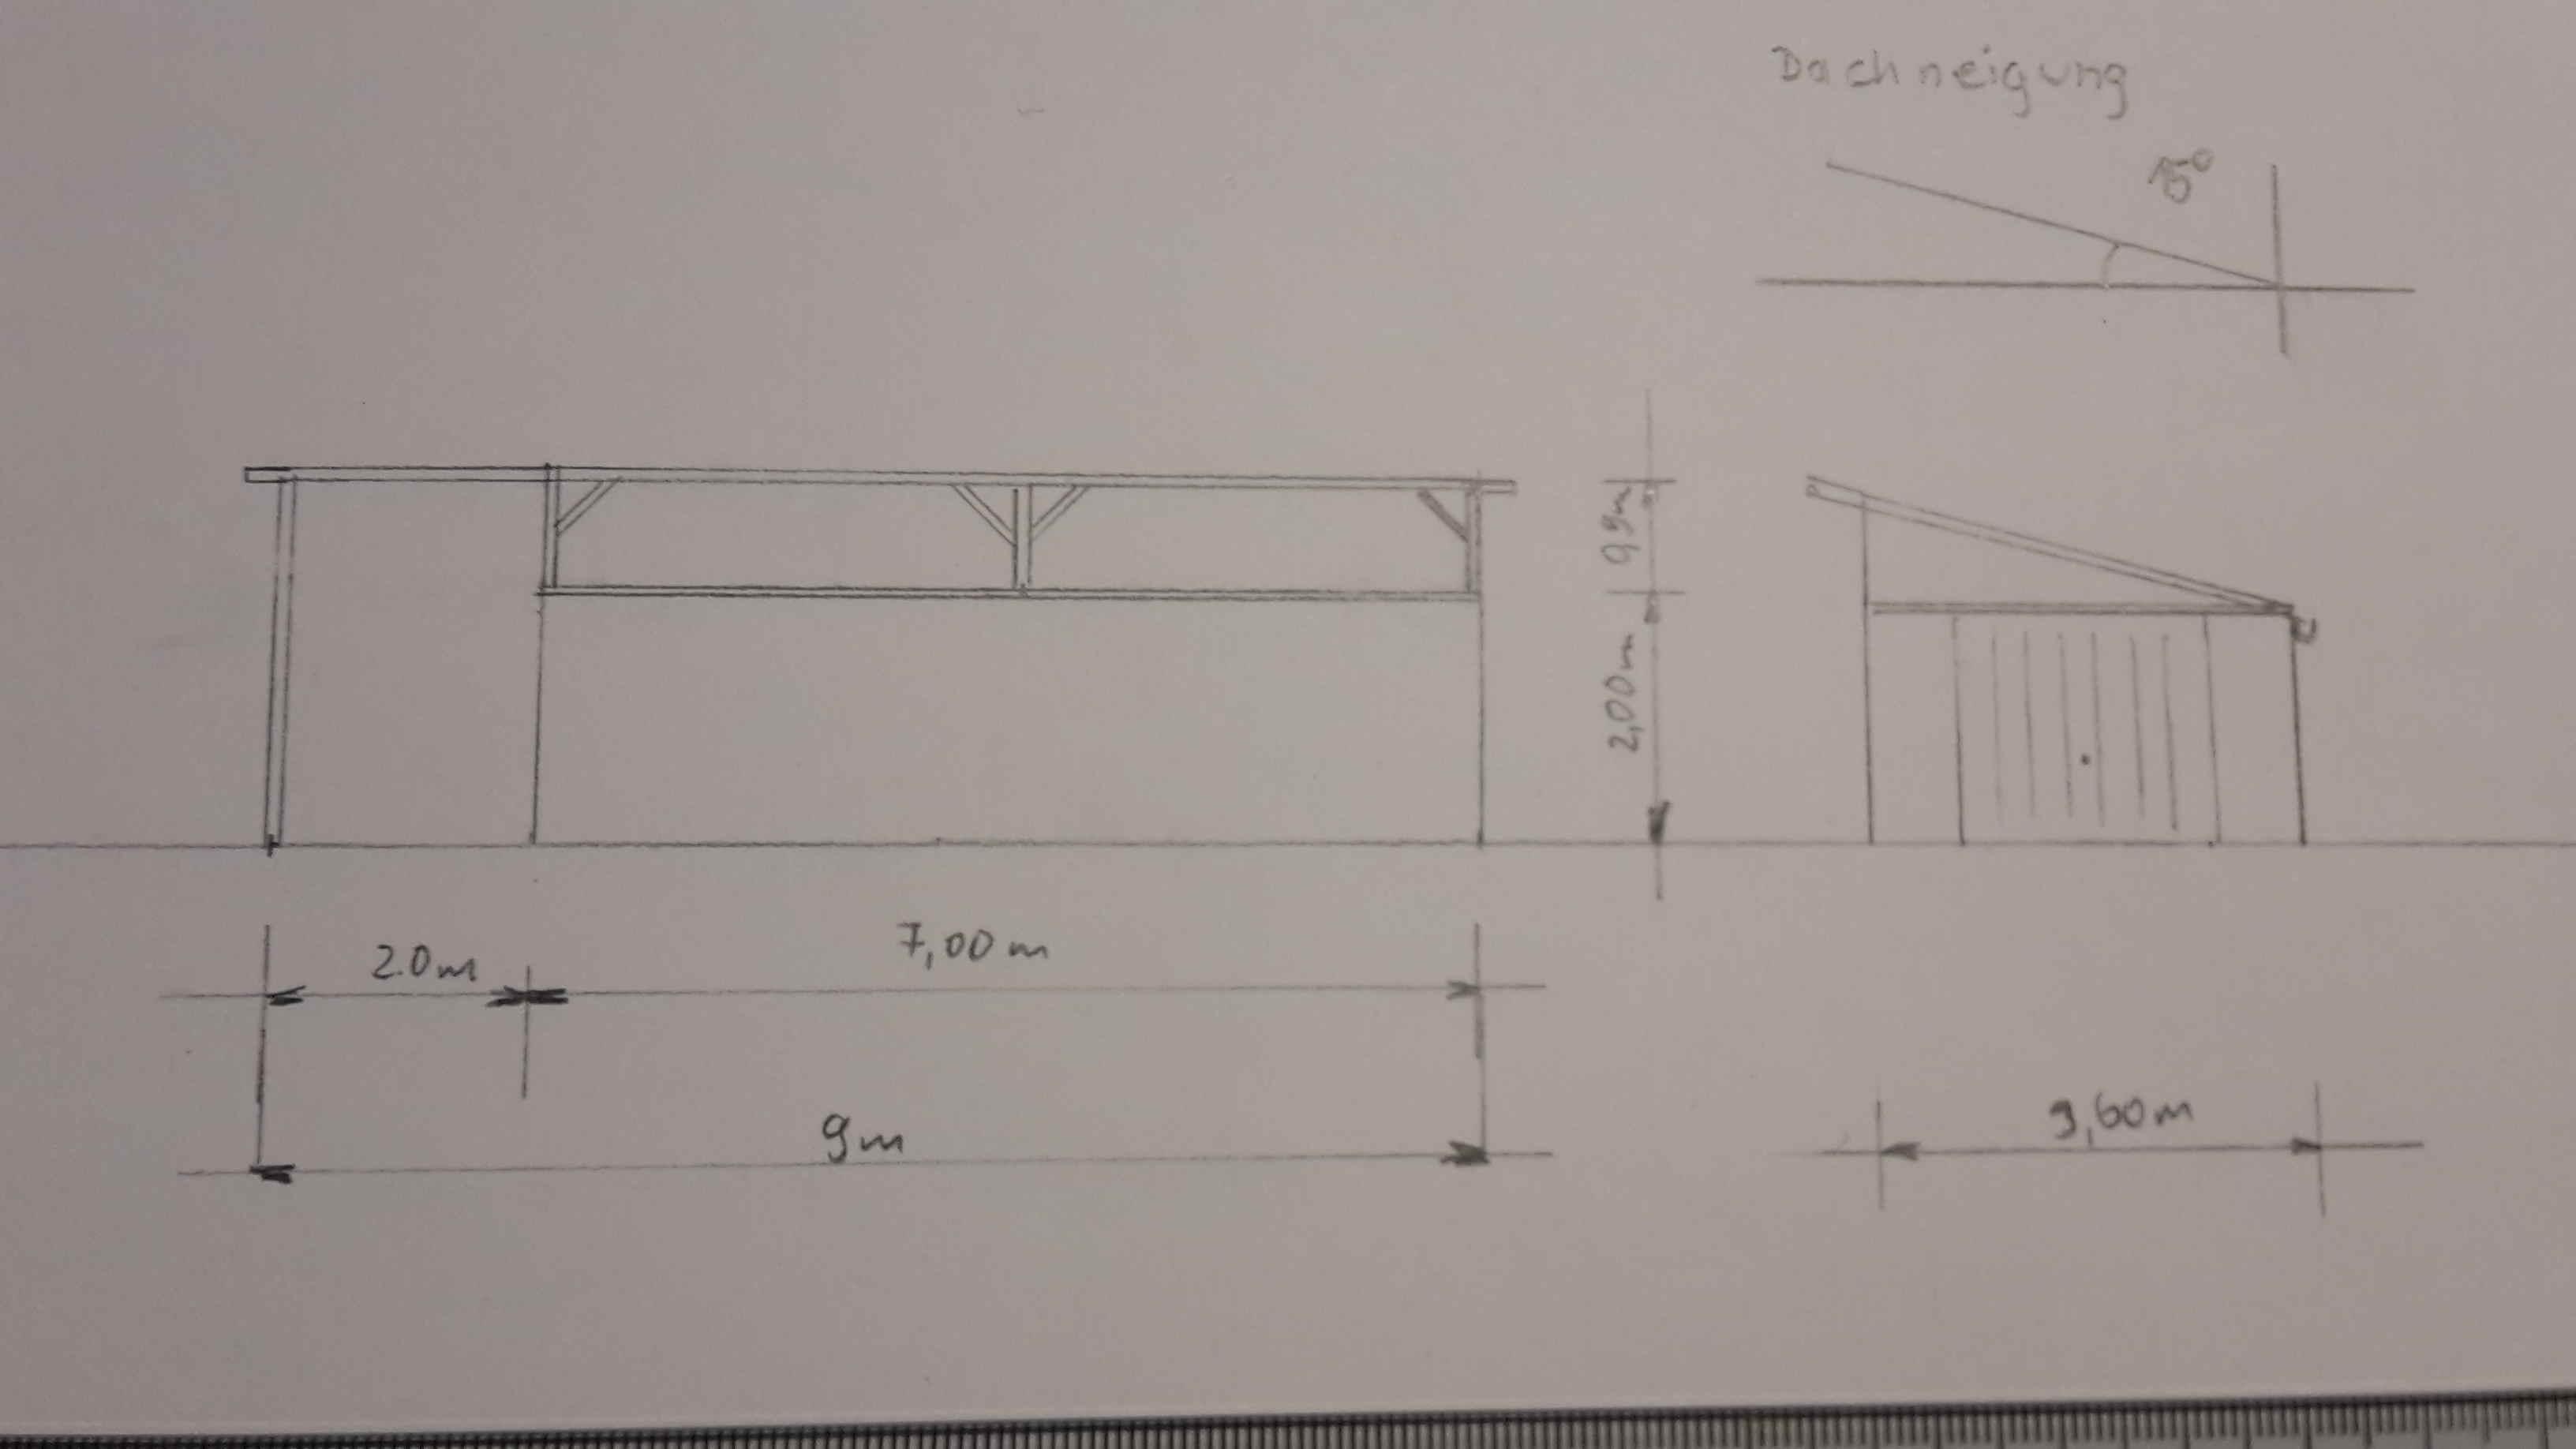 dachneigung pultdach trapezblech perfect das bild wird. Black Bedroom Furniture Sets. Home Design Ideas